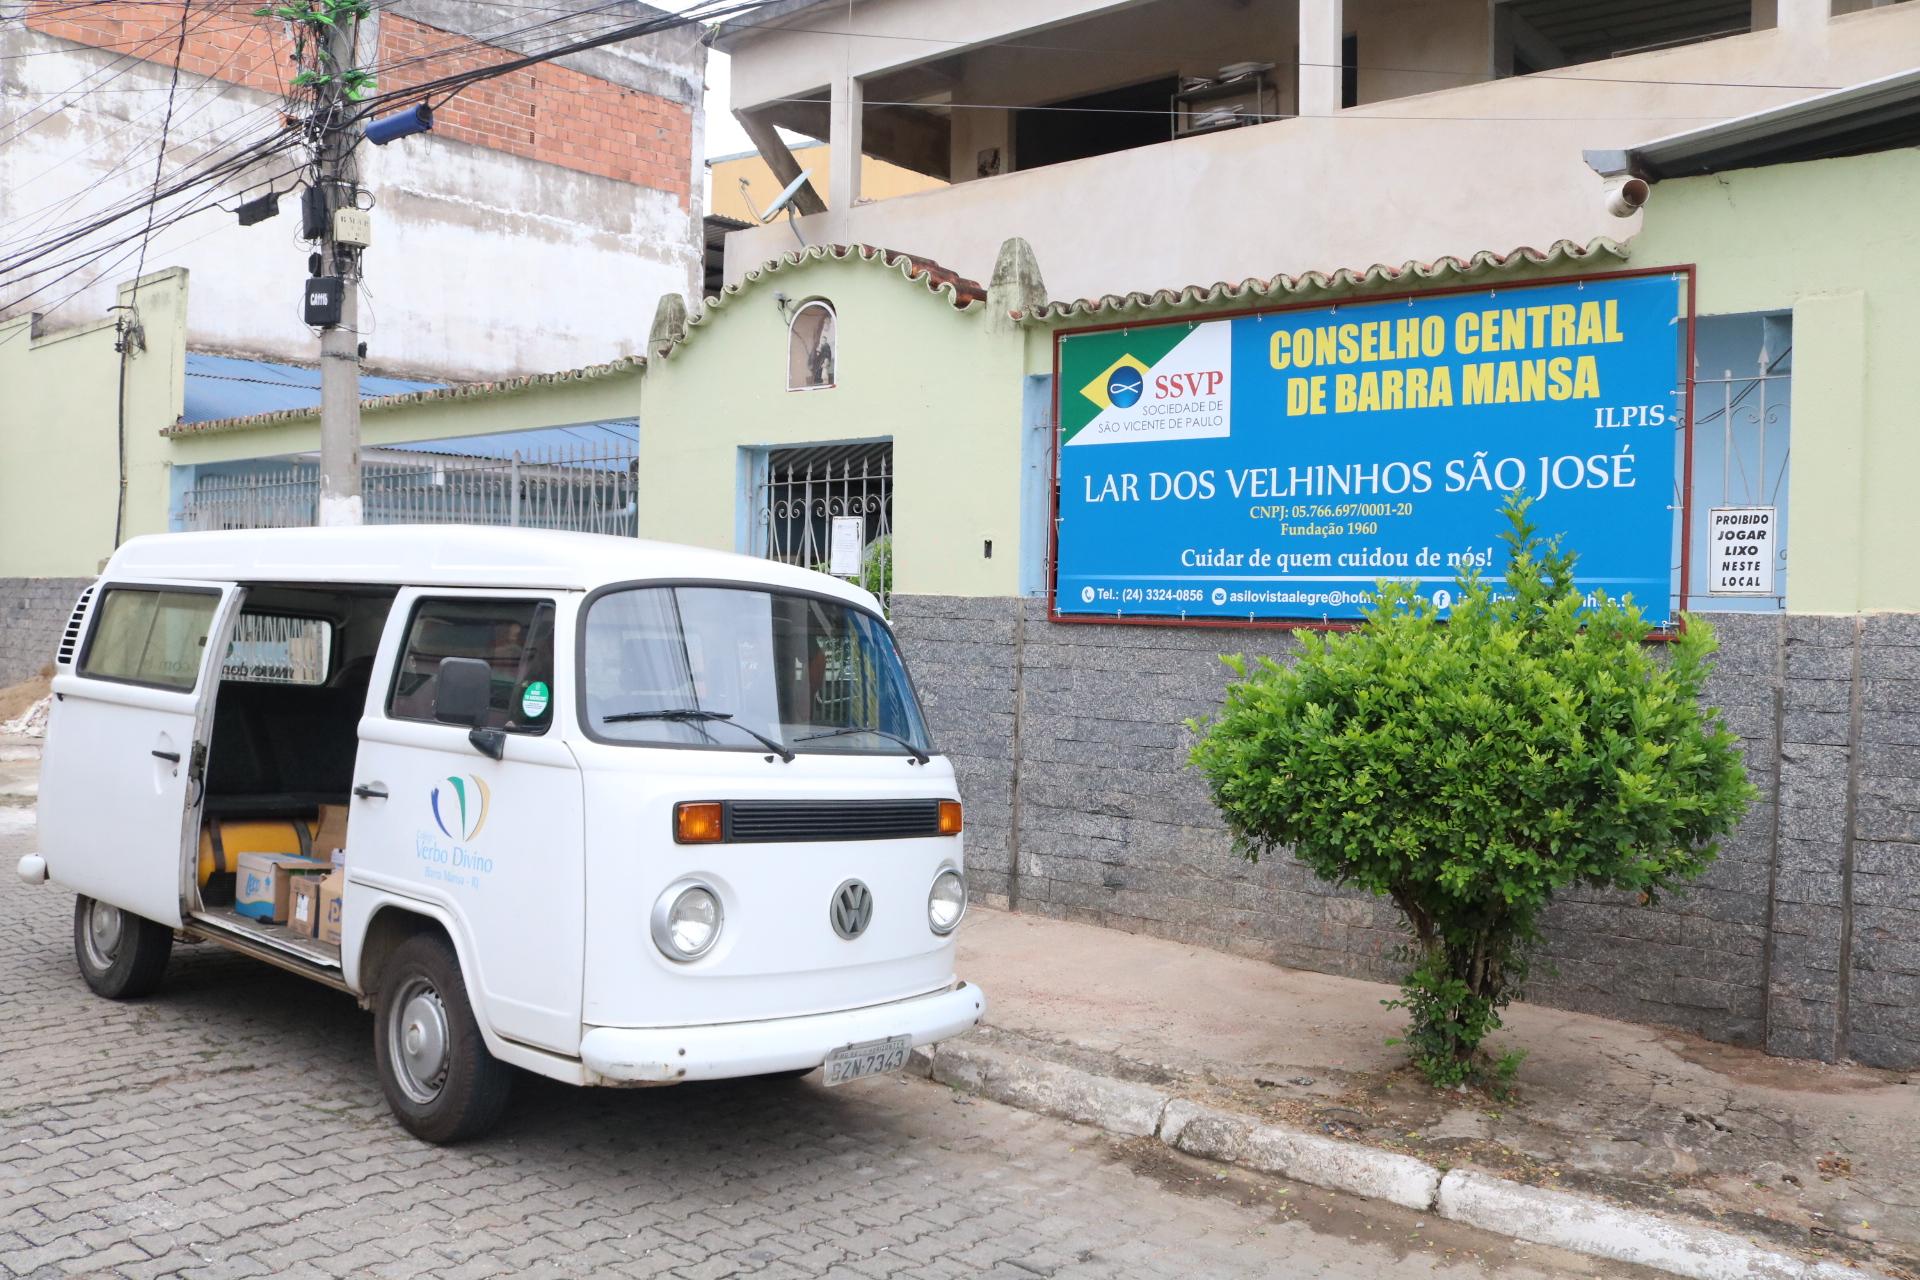 CVD entrega mais de 100 litros de leite a Asilo de Barra Mansa